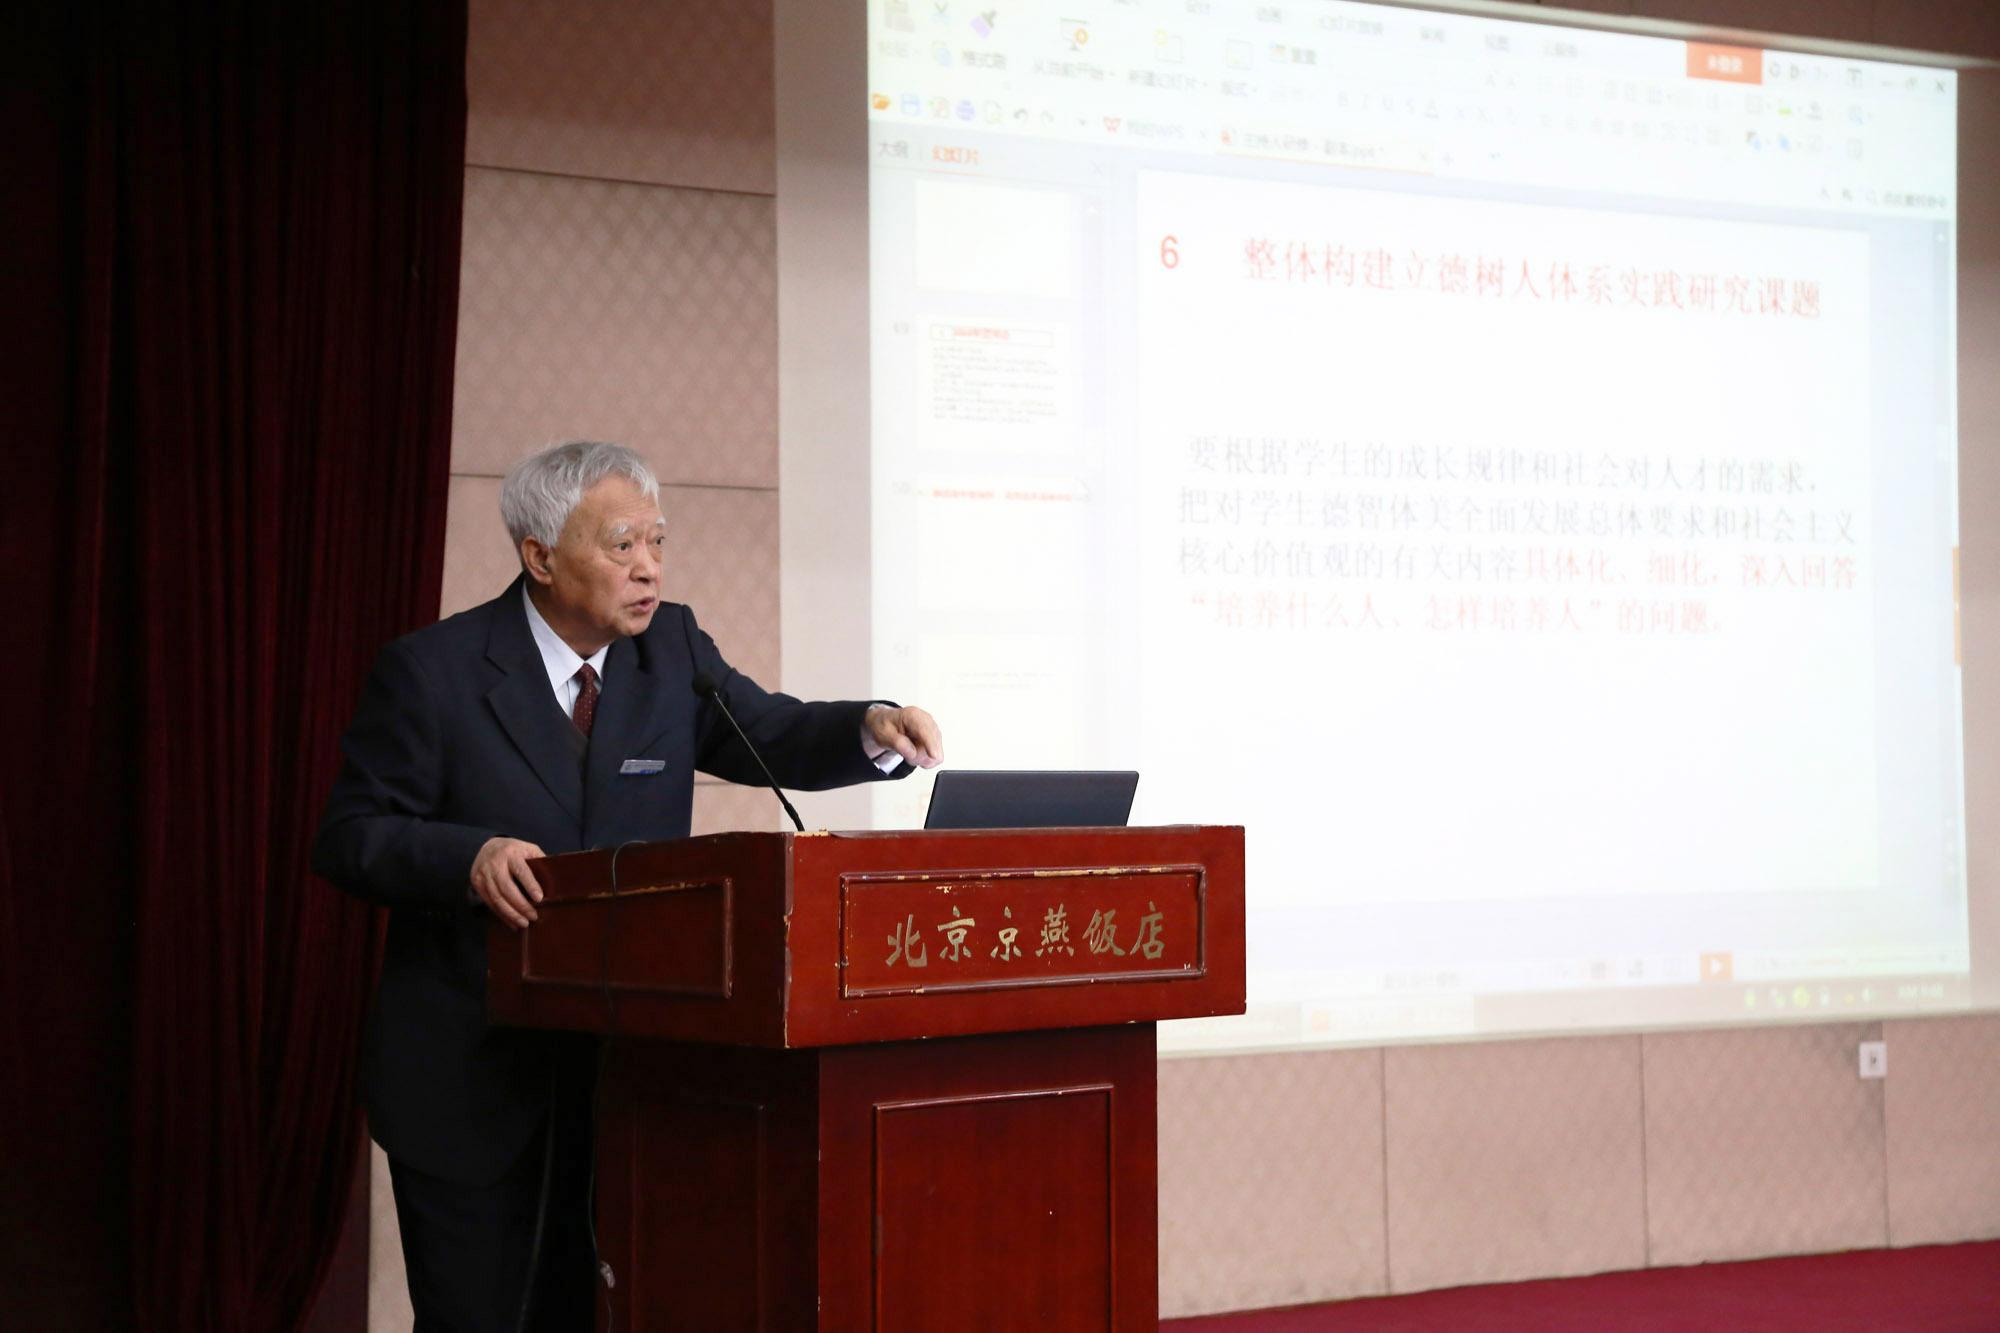 全国名师工作室联盟常务顾问徐安德同志作《全国名师工作室联盟三年工作规划》工作报告。